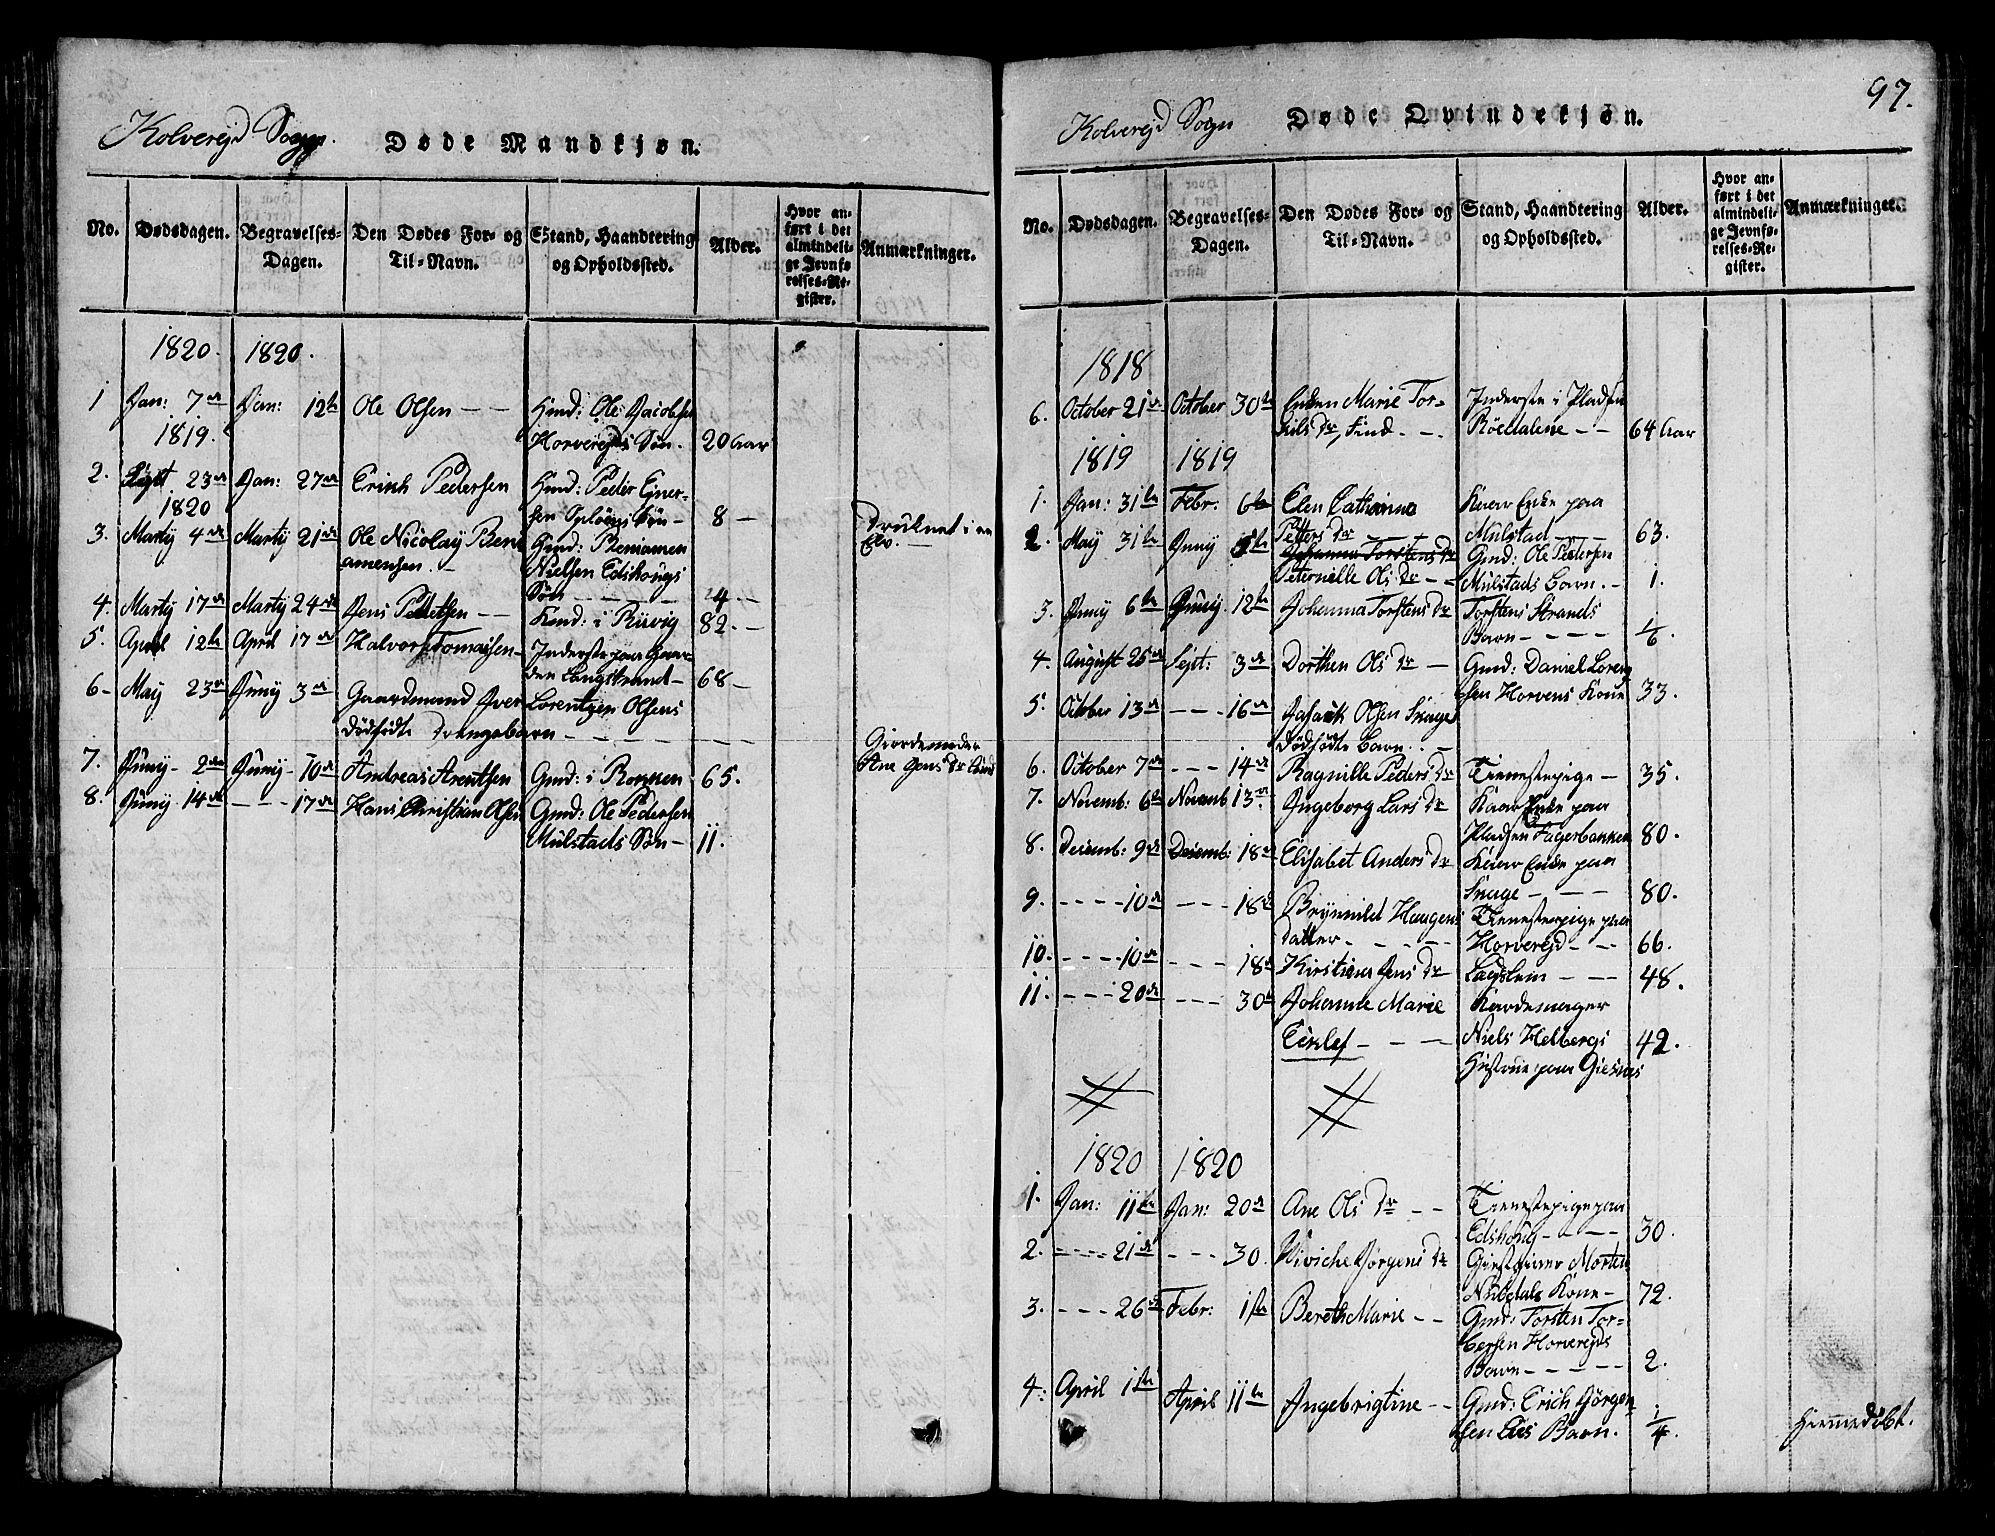 SAT, Ministerialprotokoller, klokkerbøker og fødselsregistre - Nord-Trøndelag, 780/L0648: Klokkerbok nr. 780C01 /1, 1815-1870, s. 97